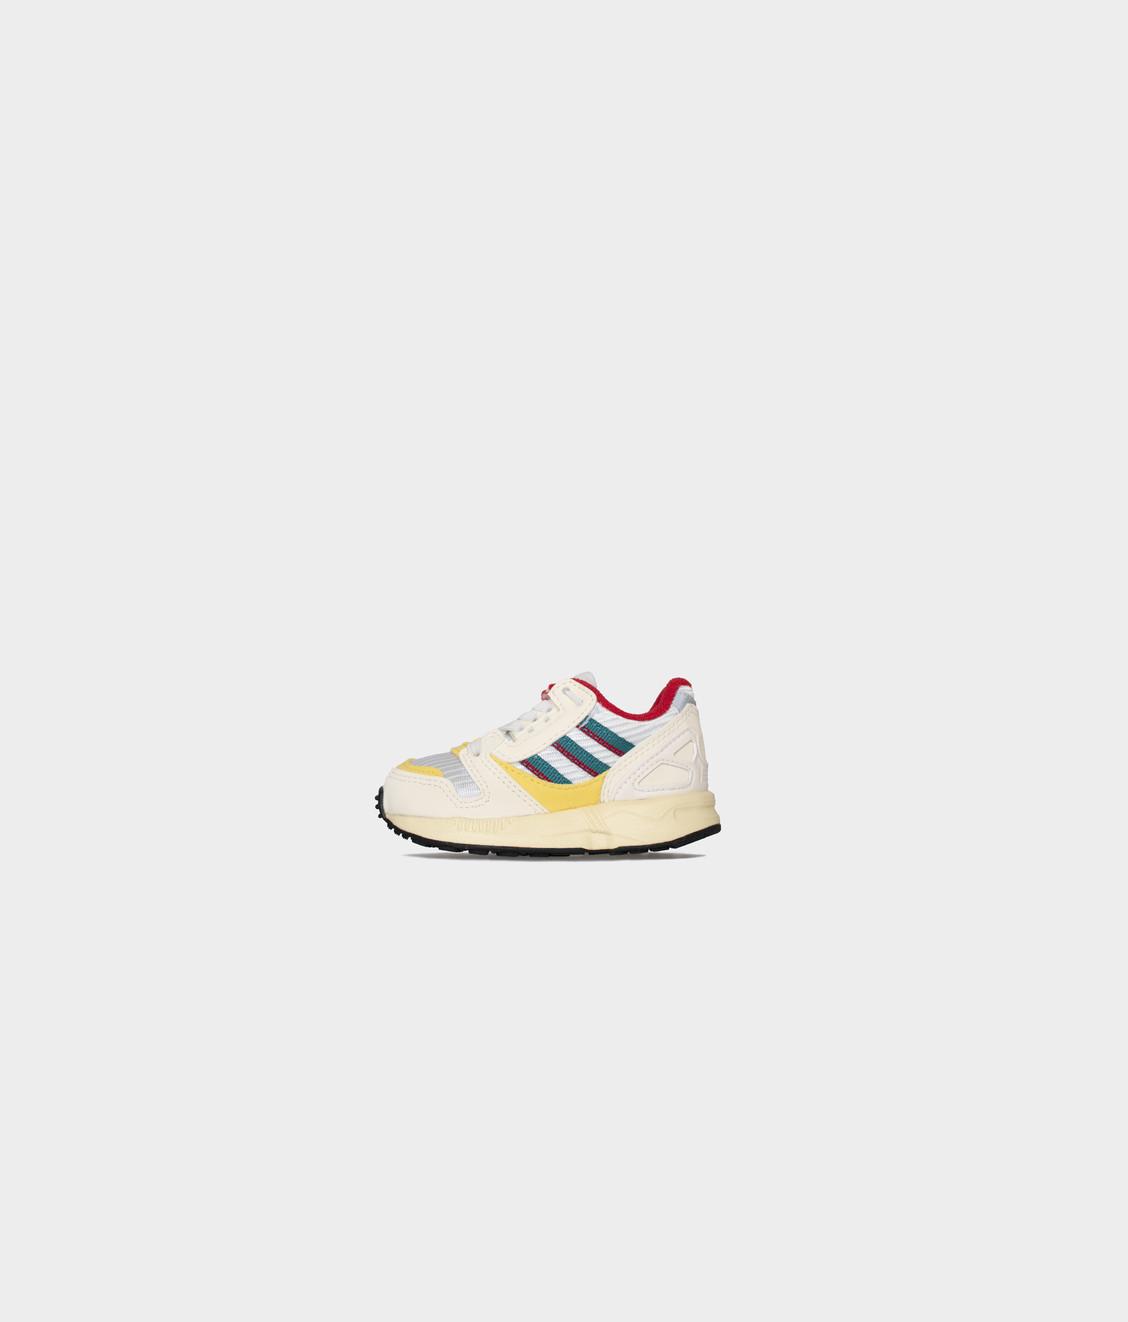 Adidas Adidas ZX 8000 EL I Crystal White/Scarlet